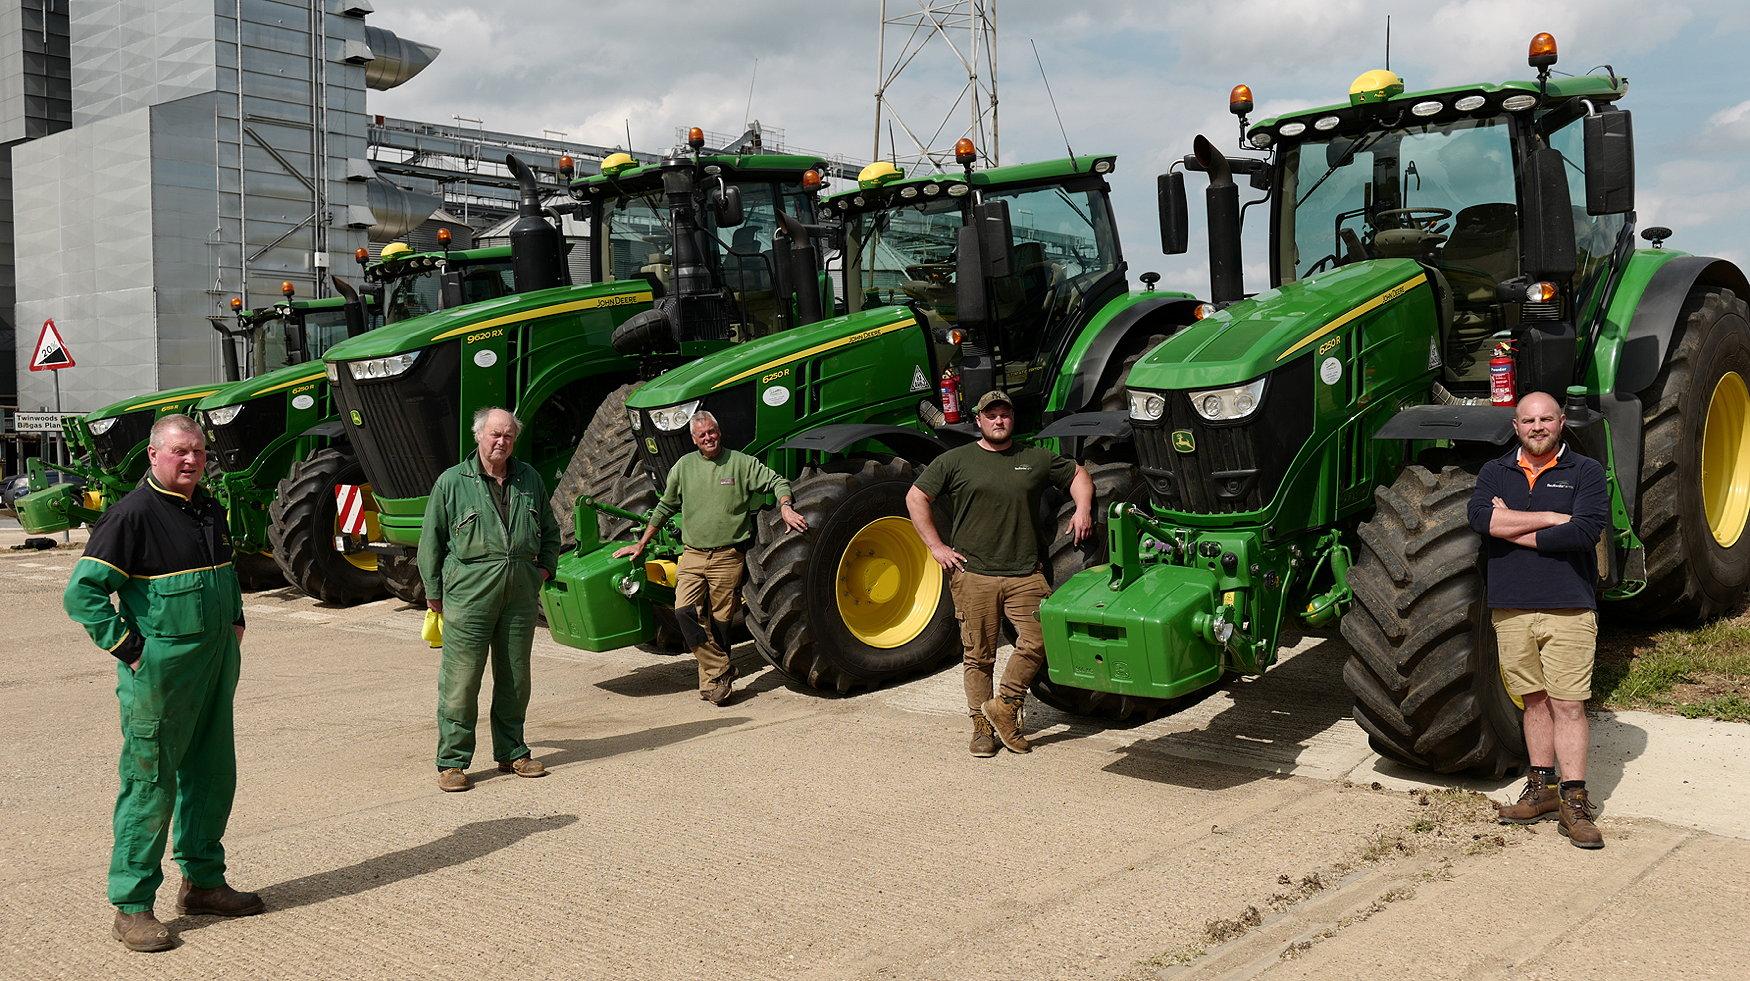 The Bedfordia tractor fleet has been standardised on John Deere tractors with full-time operators